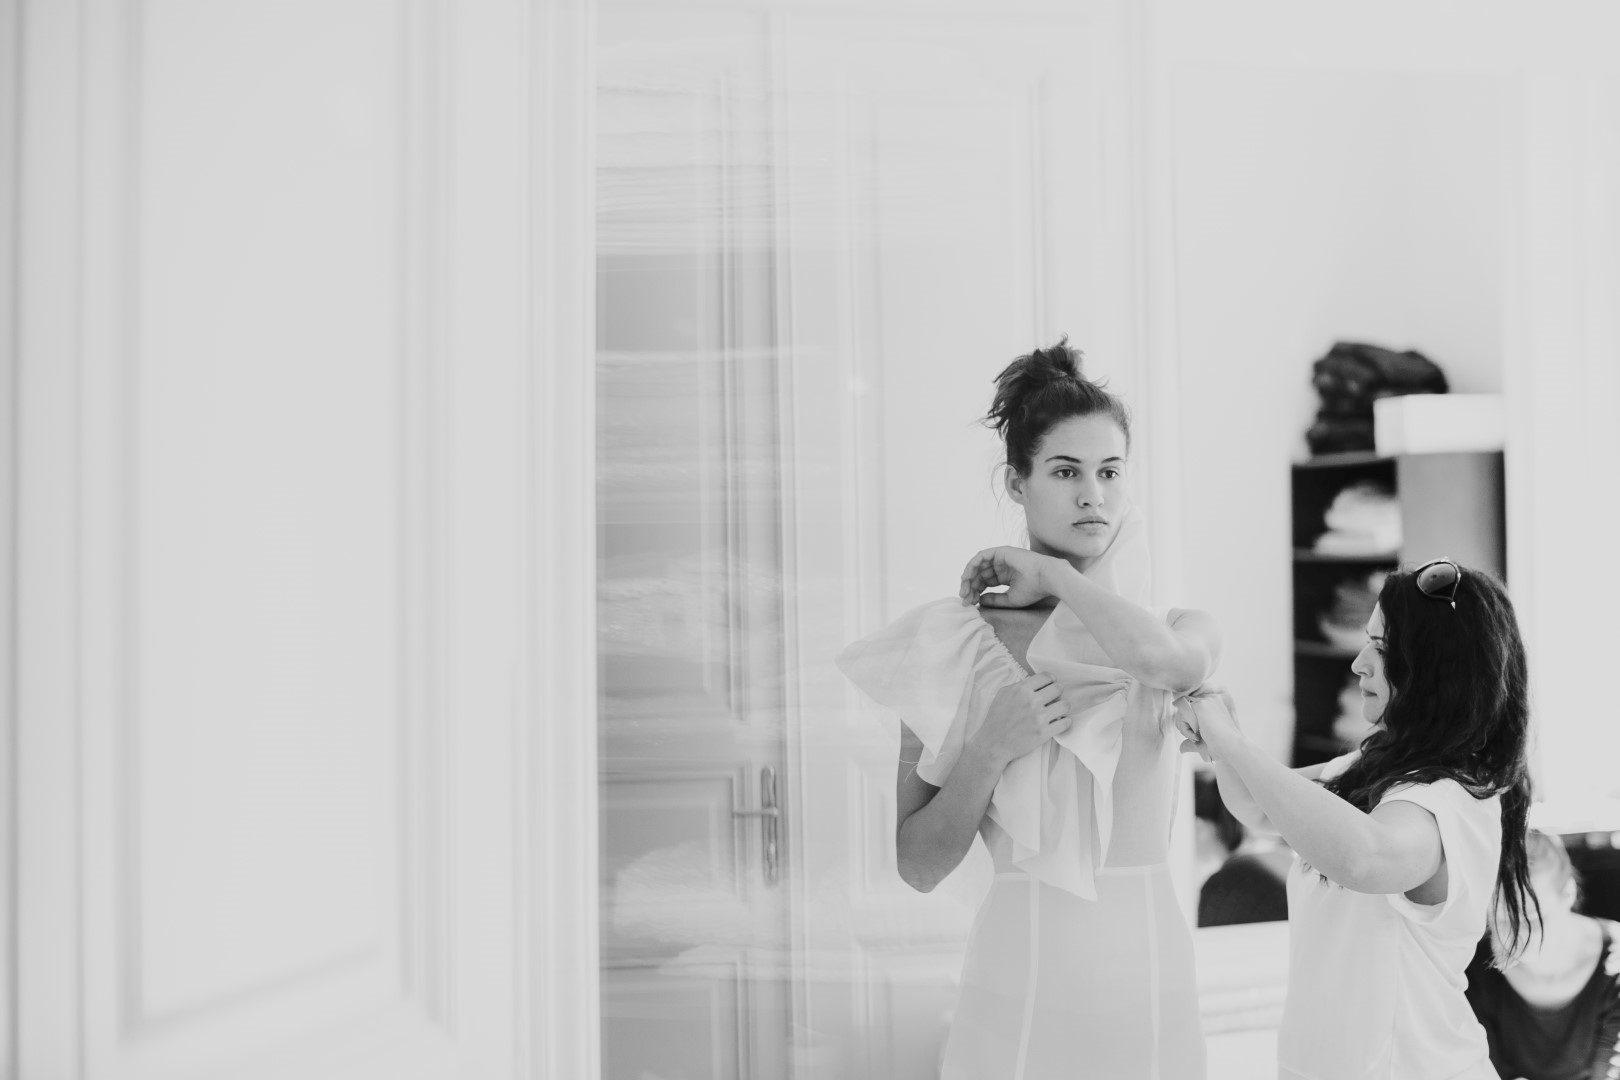 ,modell,magyar modell,daalarna modell,kulin brigi,kulin brigitta,fittingmodell,fitting modell,Daalarna,fitting,ruhapróba,daalarna kollekció,új kollekció,paradise,magyar tervező,esküvői ruha,